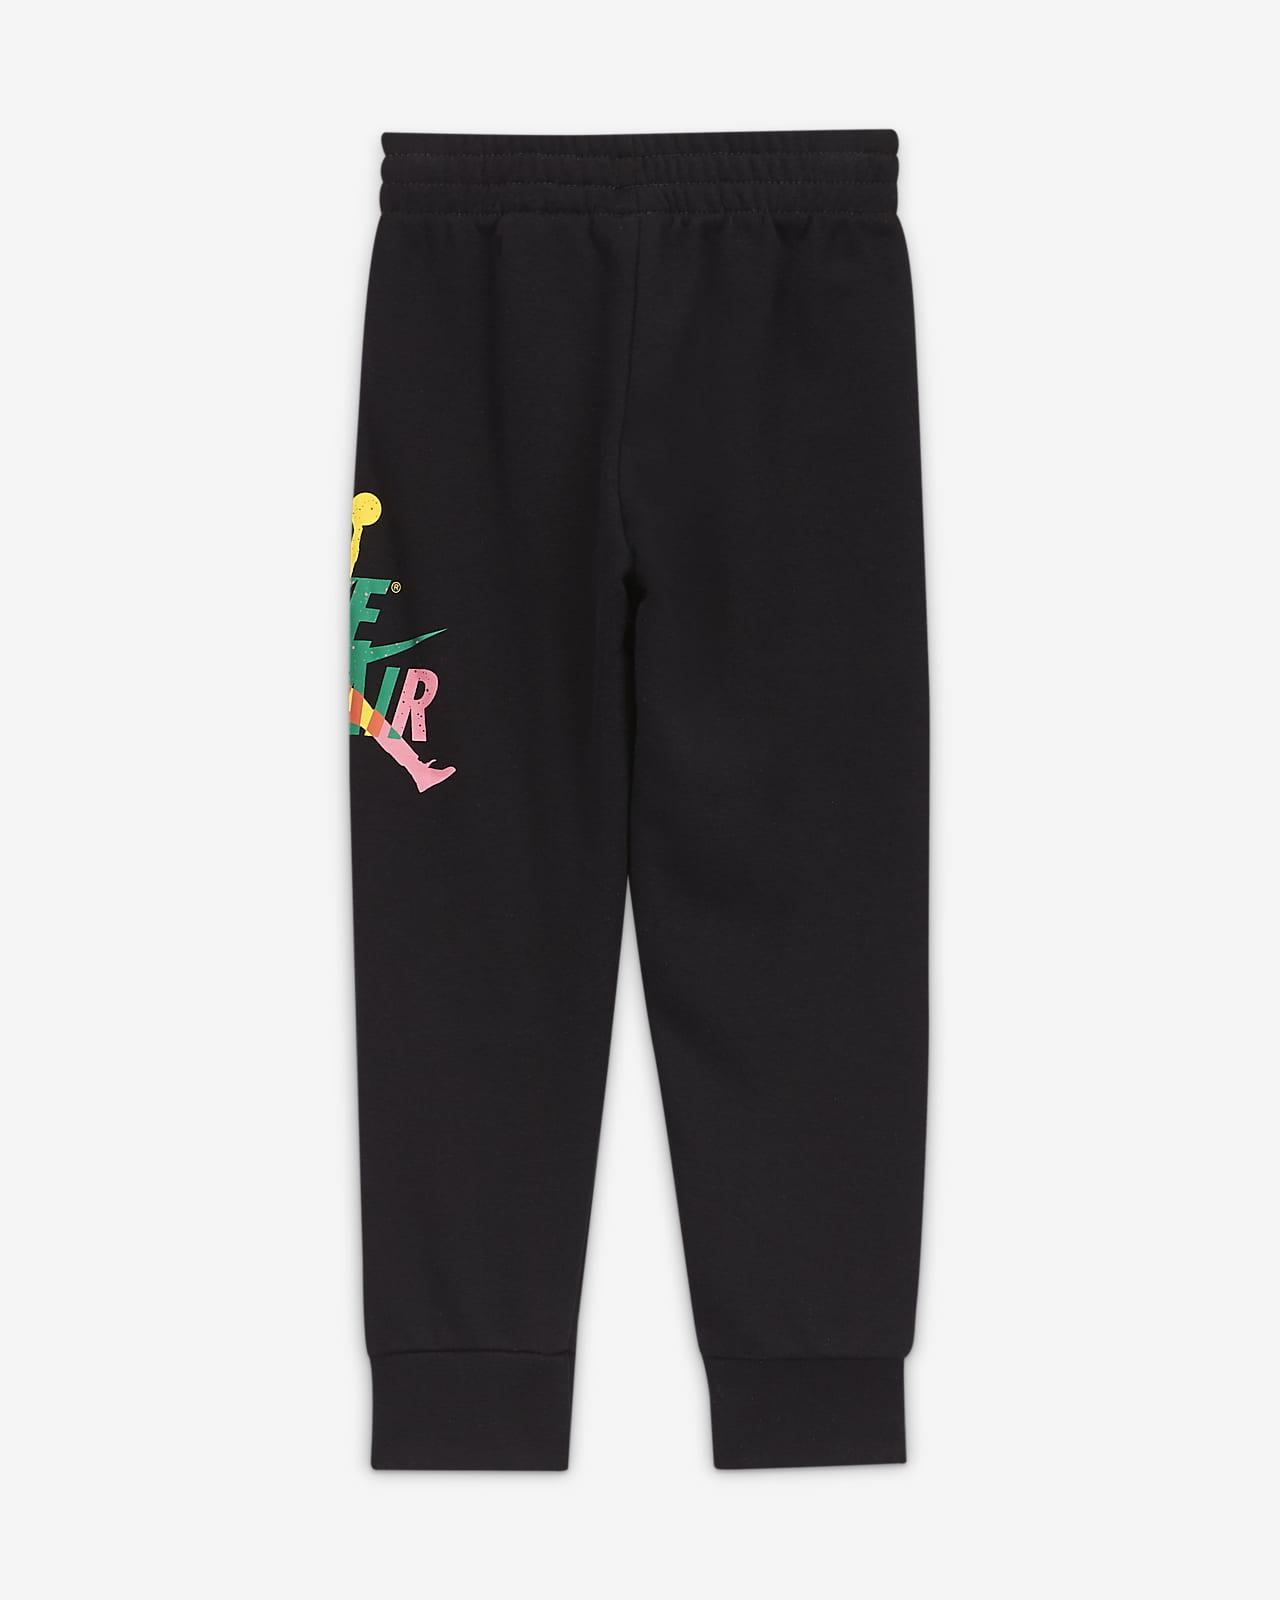 Pantalon Jordan Jumpman Classics pour Petit enfant